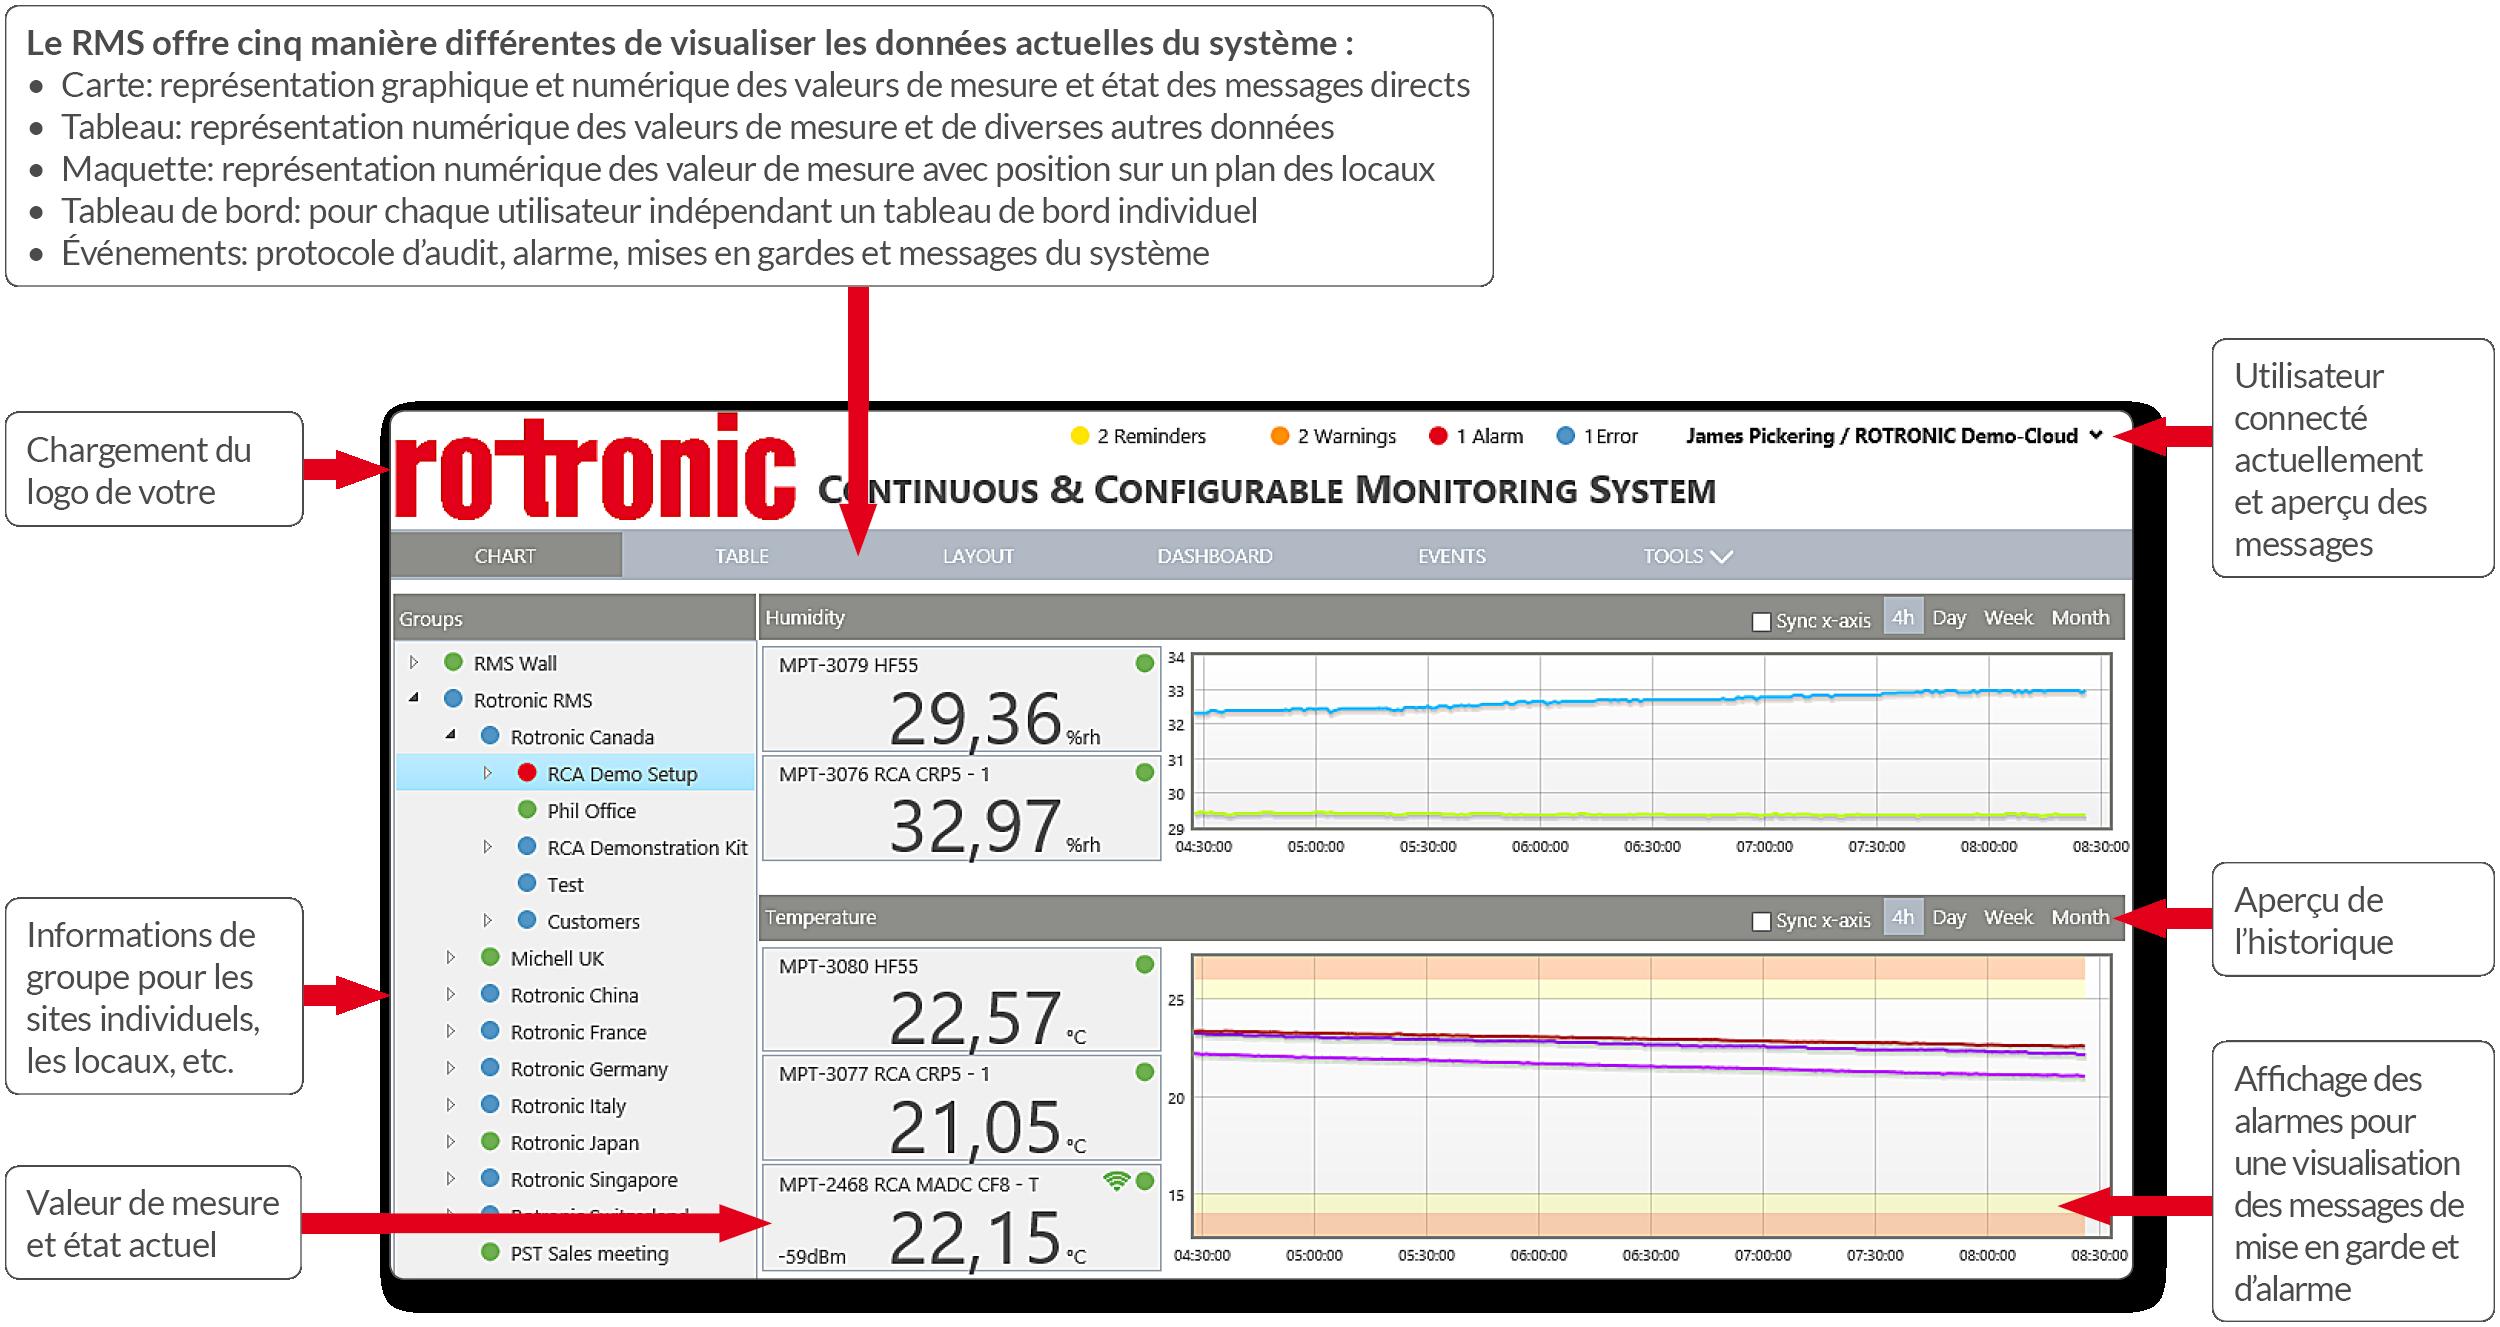 Monitoring System - Aperçu du système